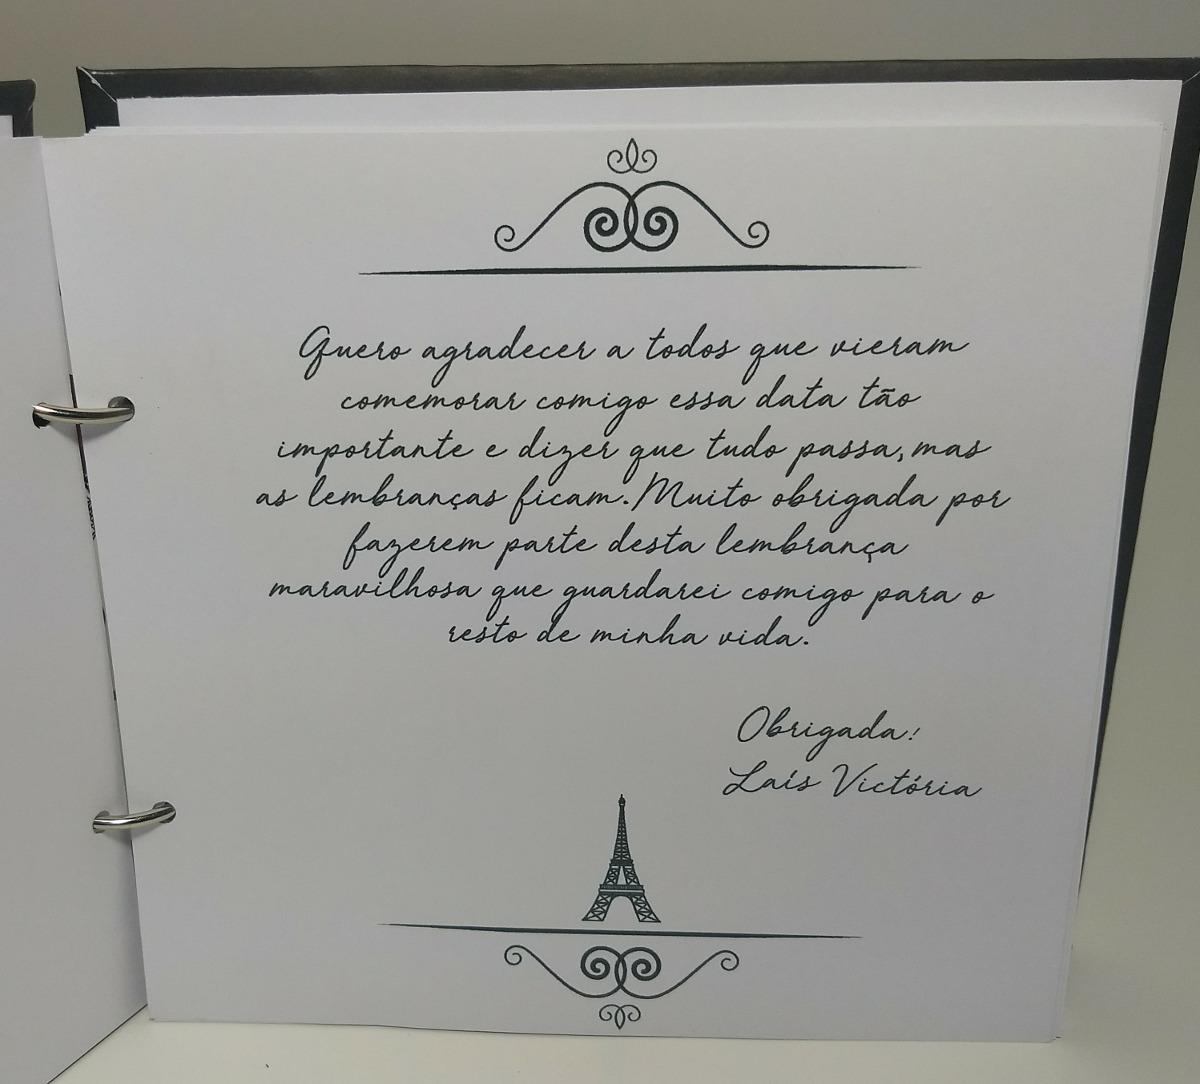 Caderno Livro De Mensagens E Assinaturas 15 Anos Scrapbook